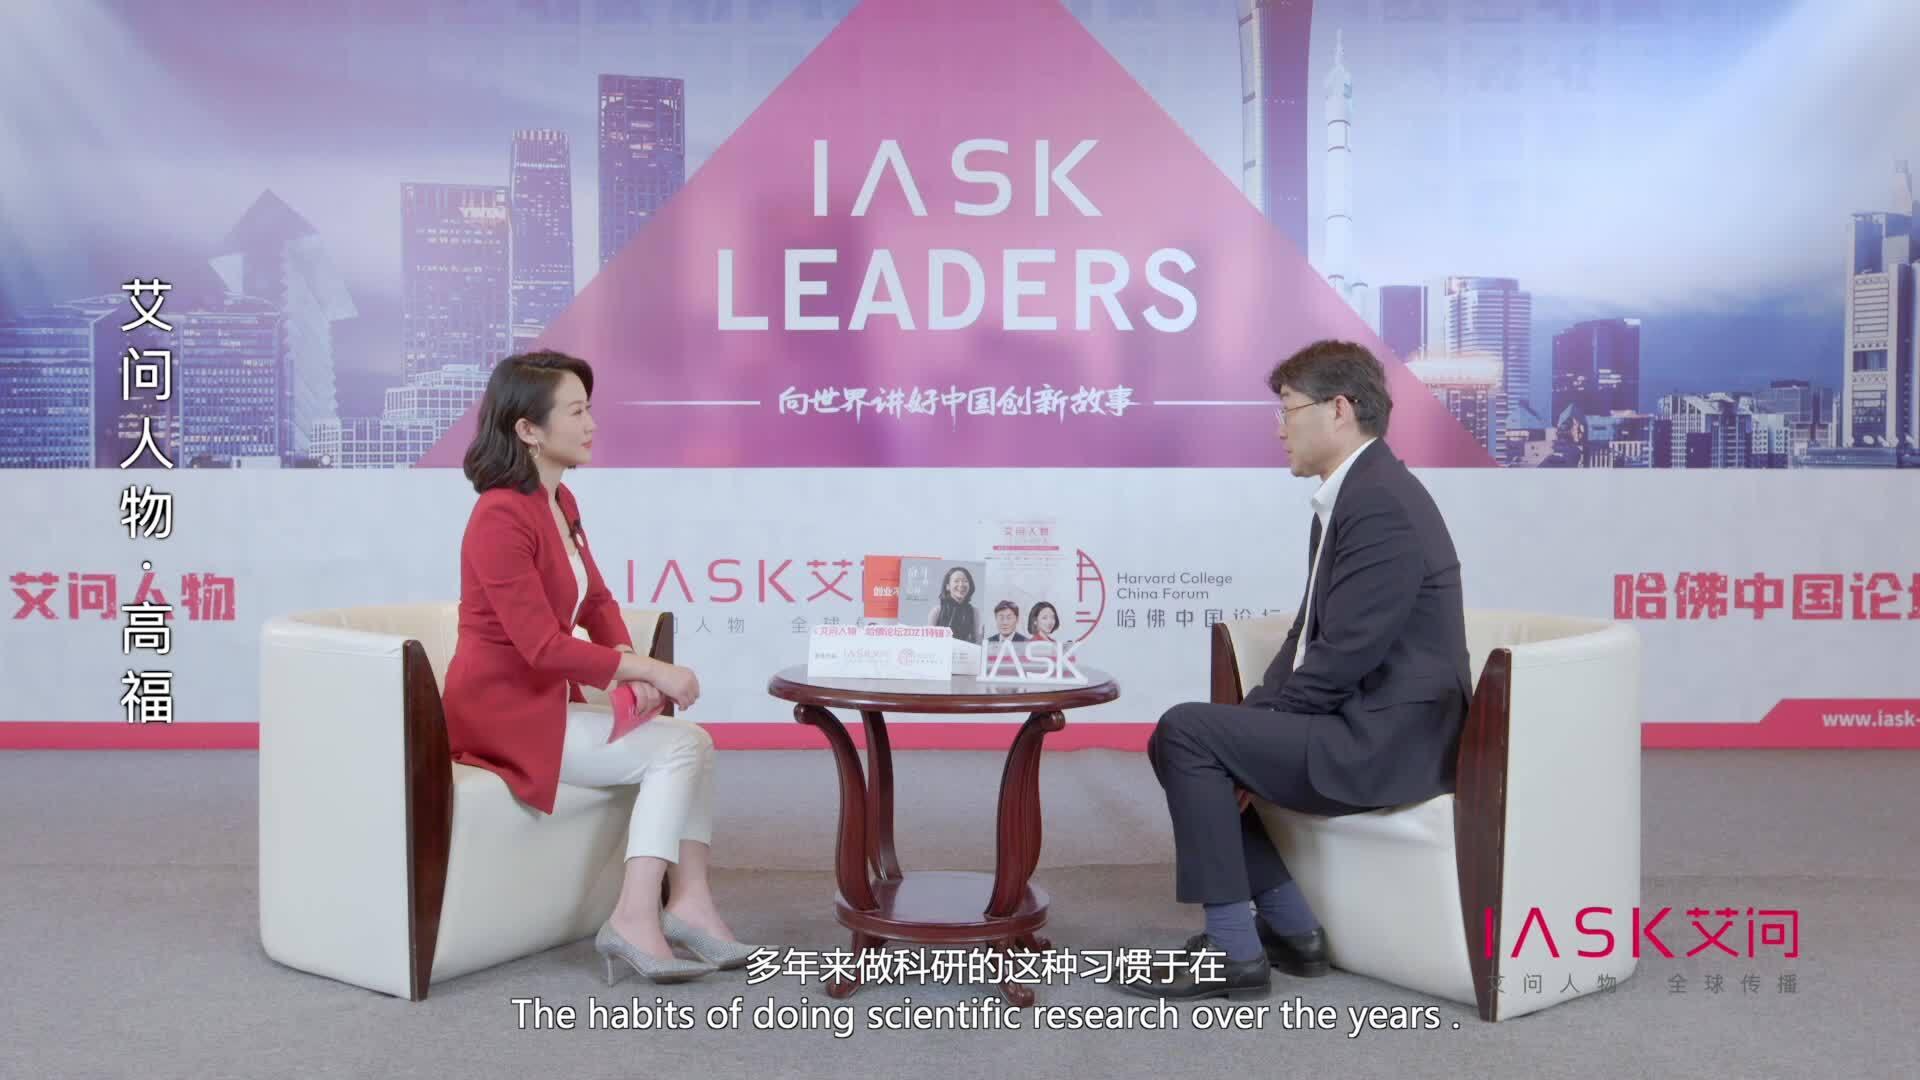 艾问对话中国疾控中心主任高福:新冠疫苗 打哪种?